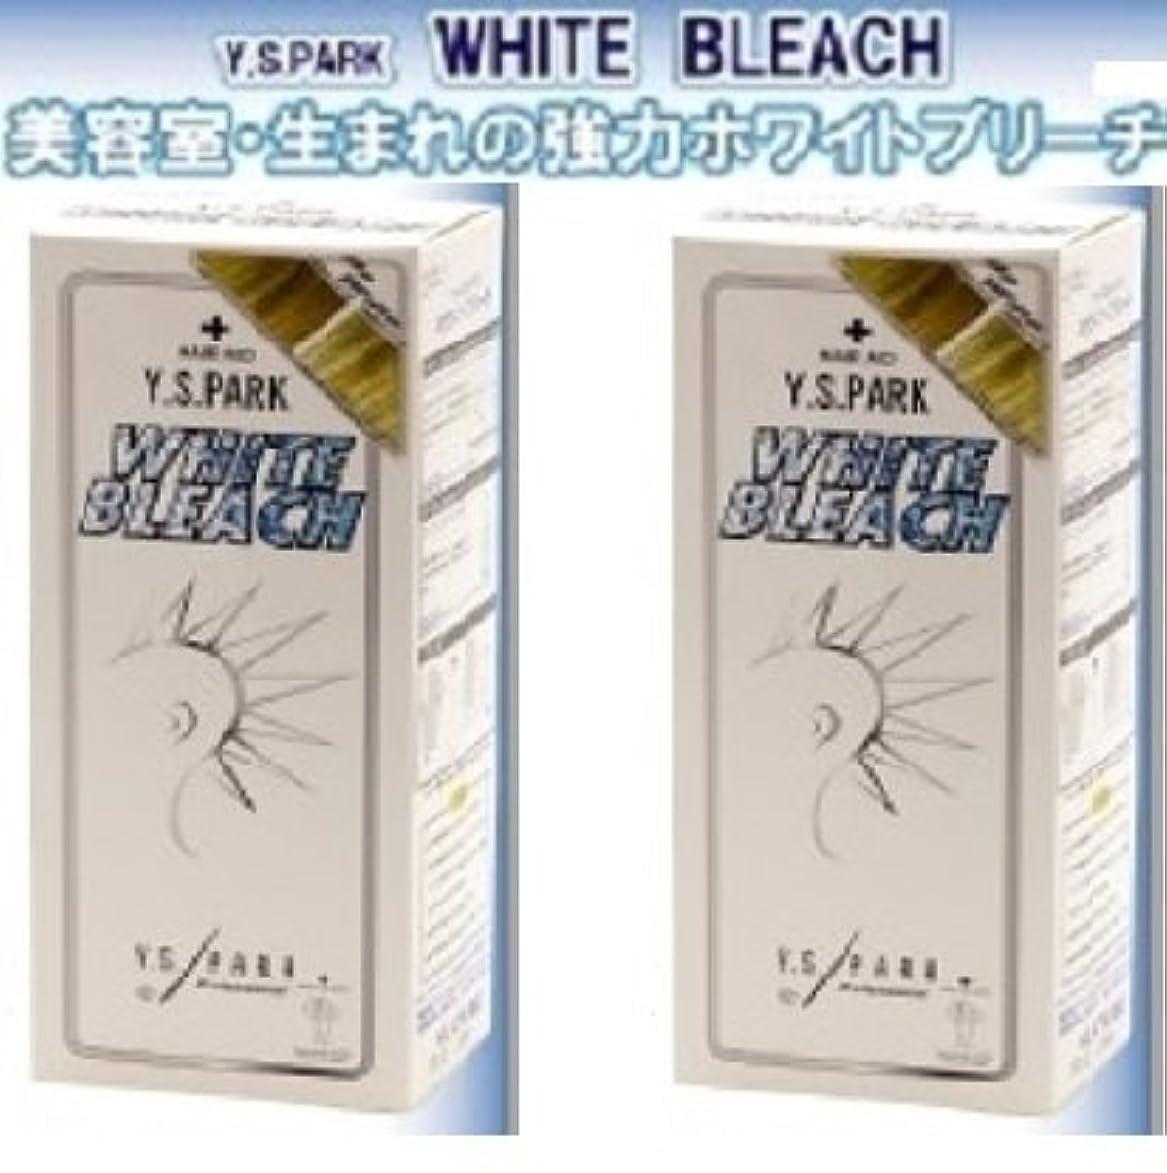 限定均等に孤児【YSPARK 】ホワイトブリーチ ×2個セット(お得な2個組)美容室生まれの強力ホワイトブリーチ